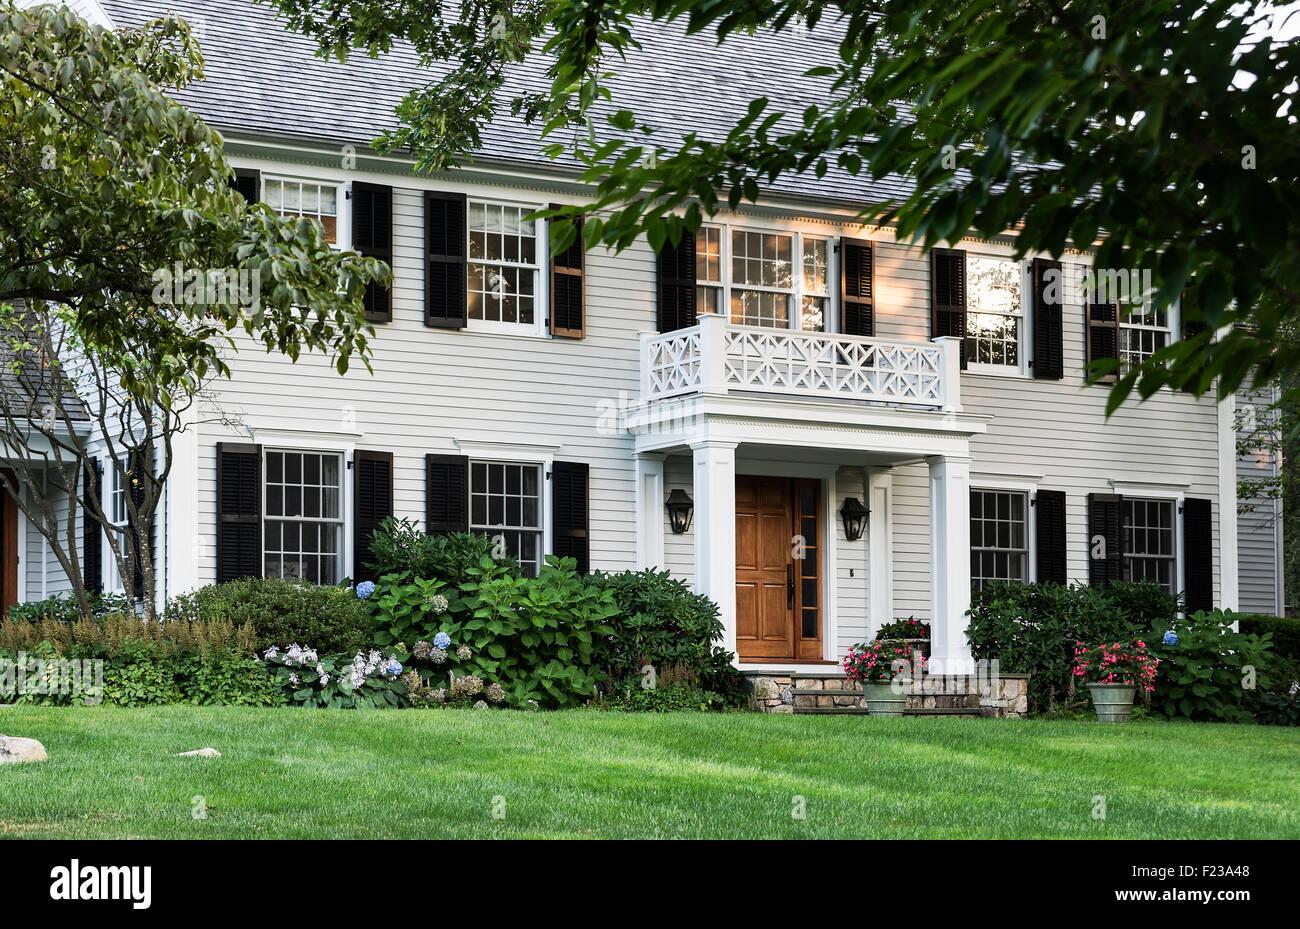 Extérieur de maison haut de gamme avec un aménagement paysager attrayant, USA Photo Stock